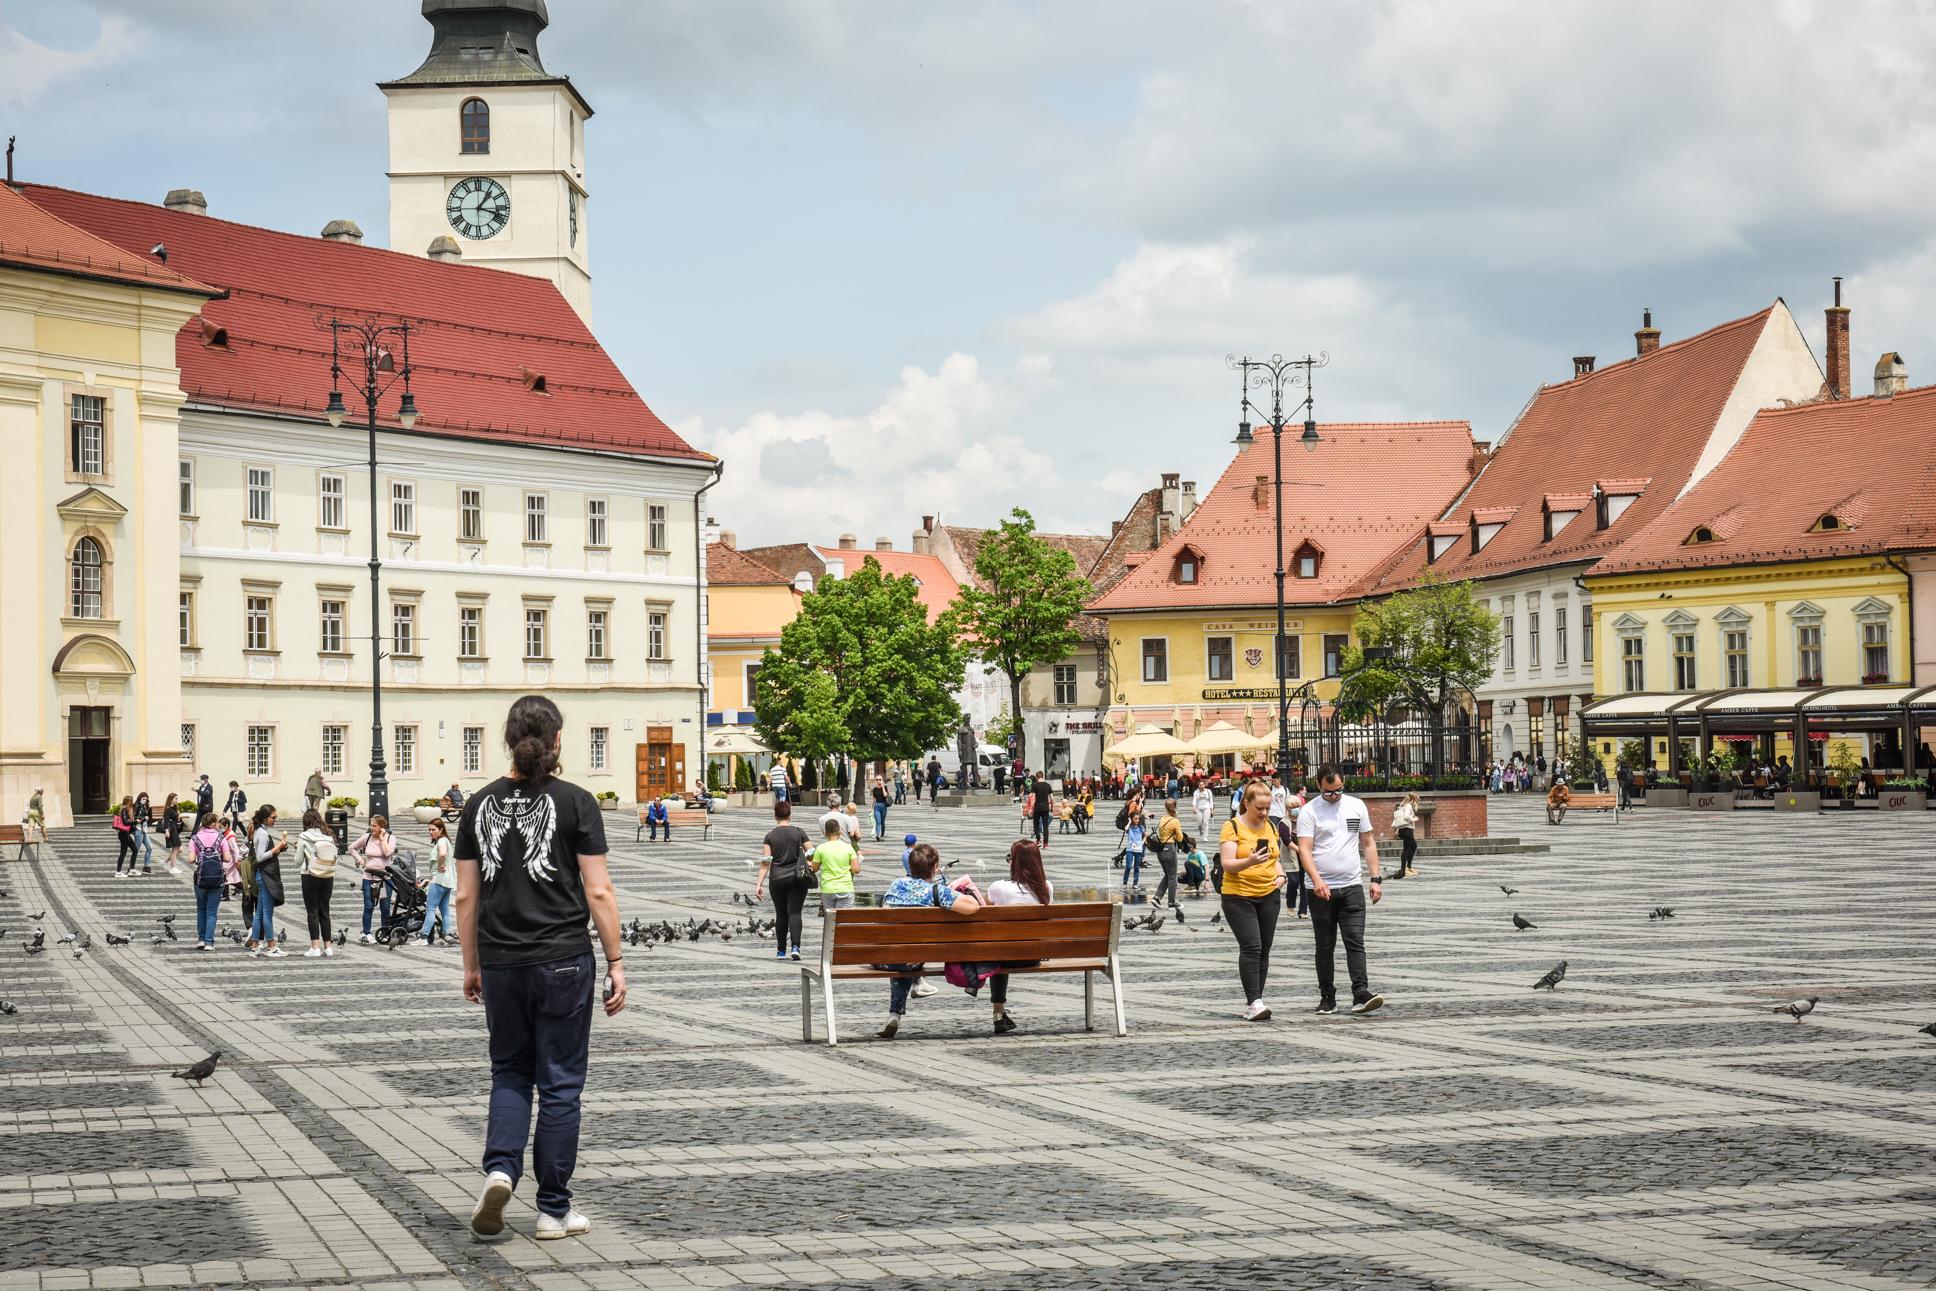 0,55 - incidența în municipiul Sibiu. În Cisnădie, rata de infectare scade sub 1